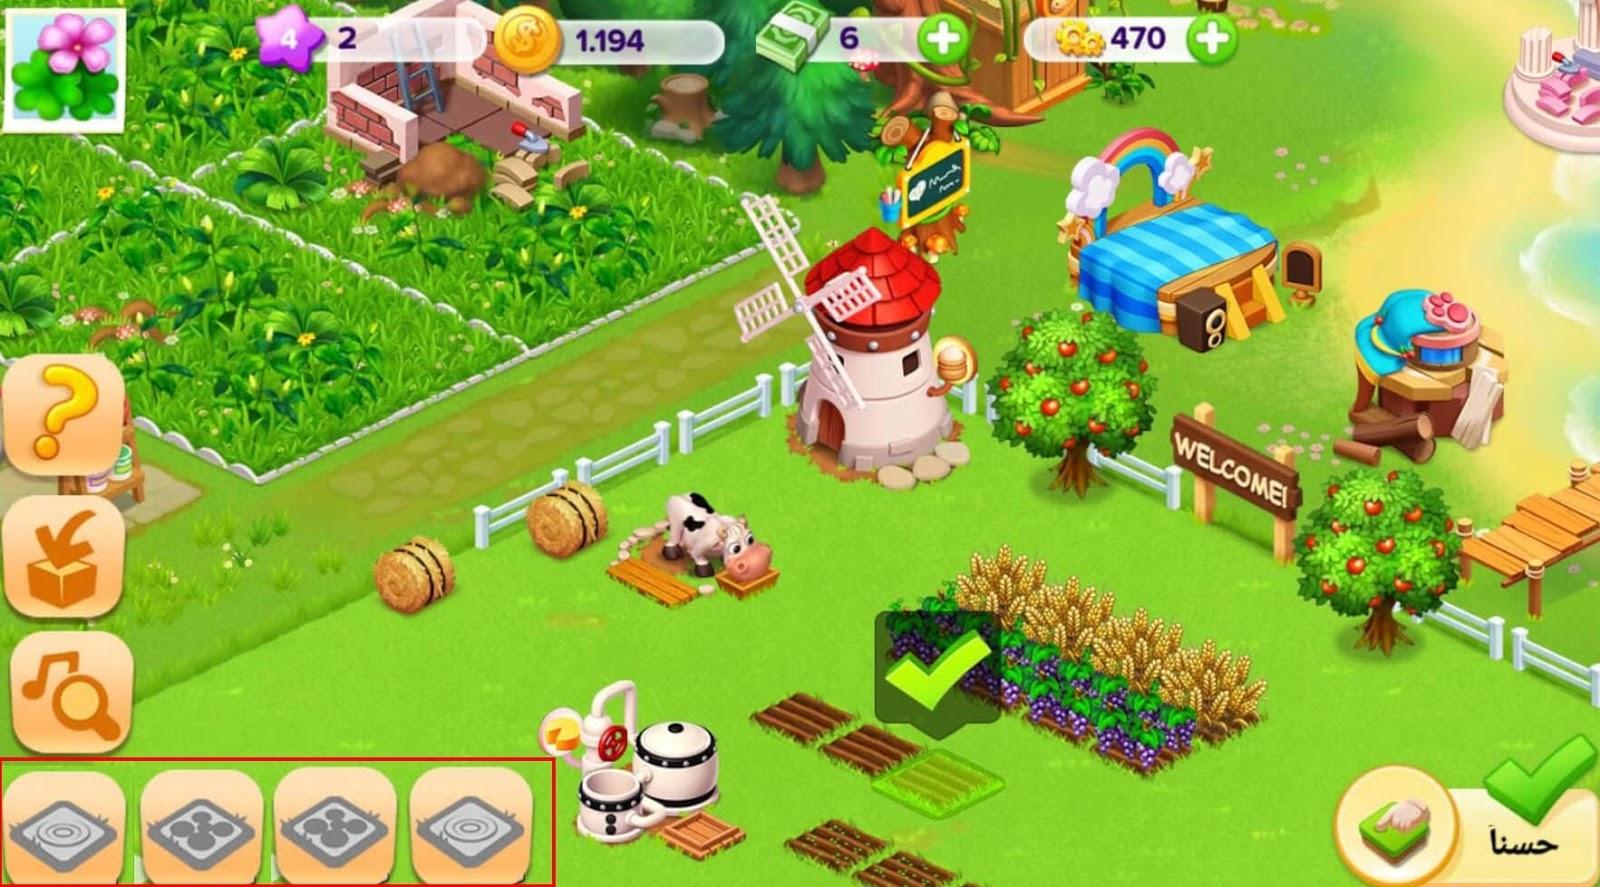 تحميل لعبة المزرعة السعيدة Happy Farm القديمة للكمبيوتر